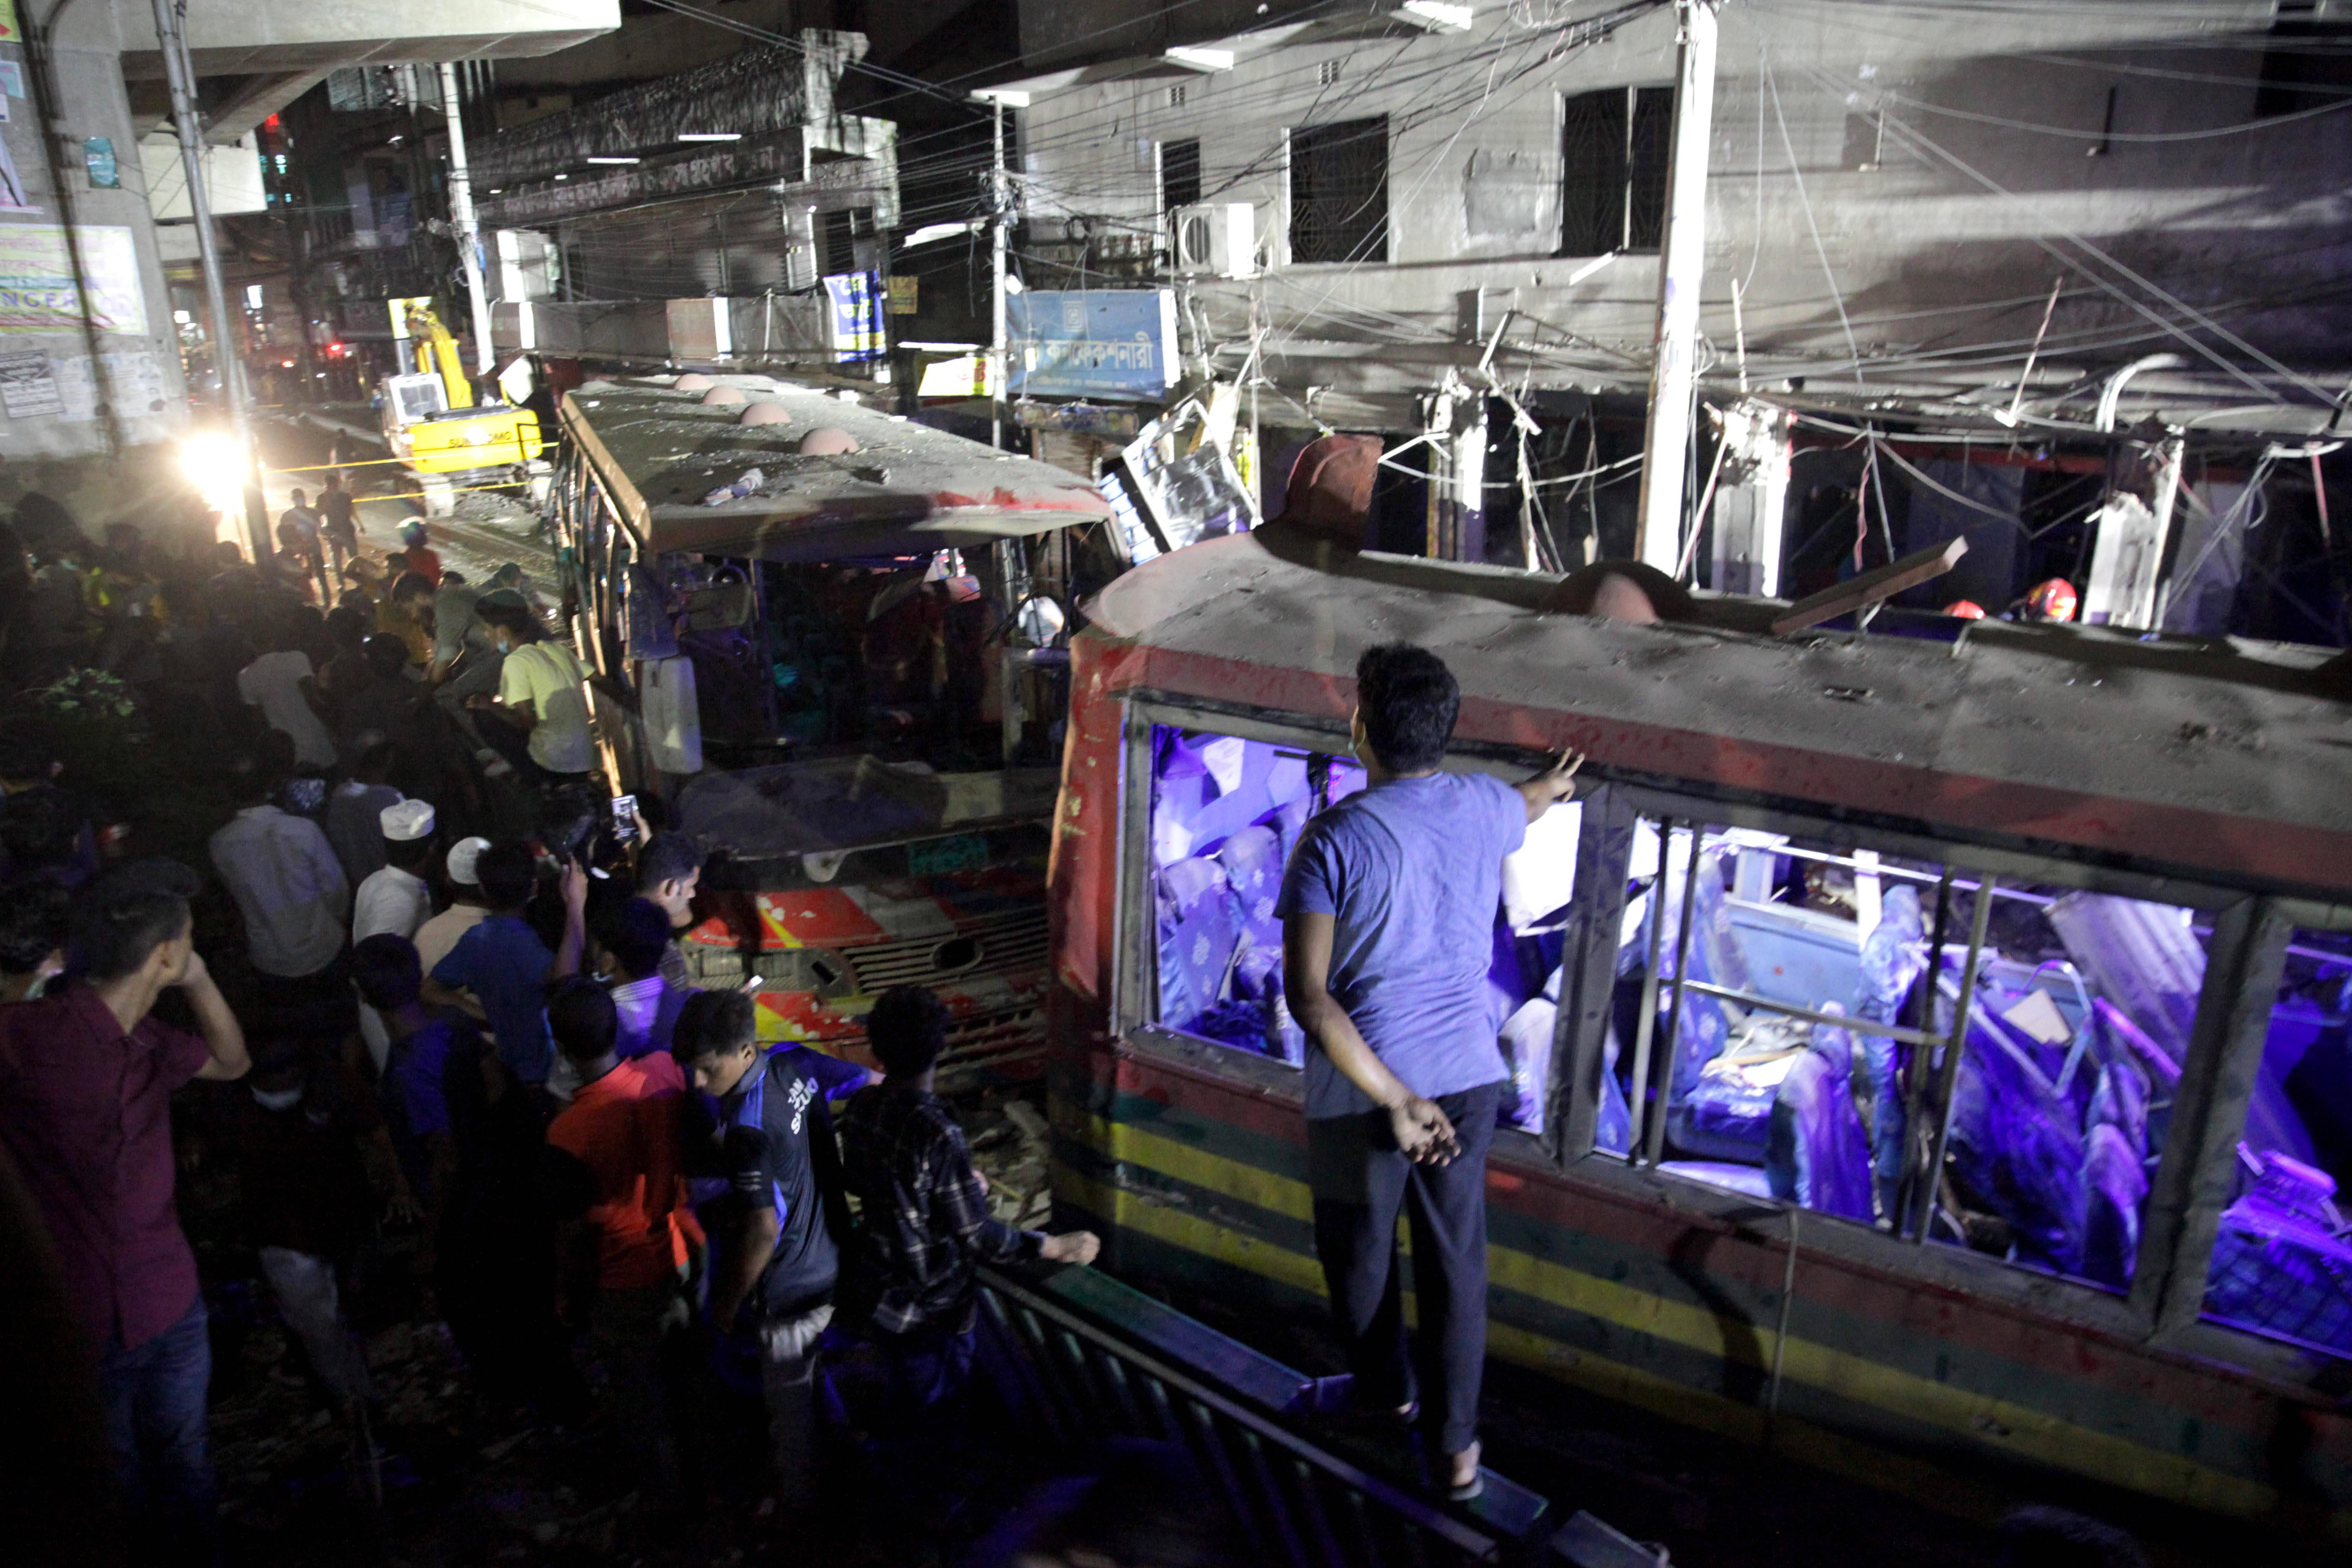 孟加拉国首都一建筑发生爆炸至少7人死亡